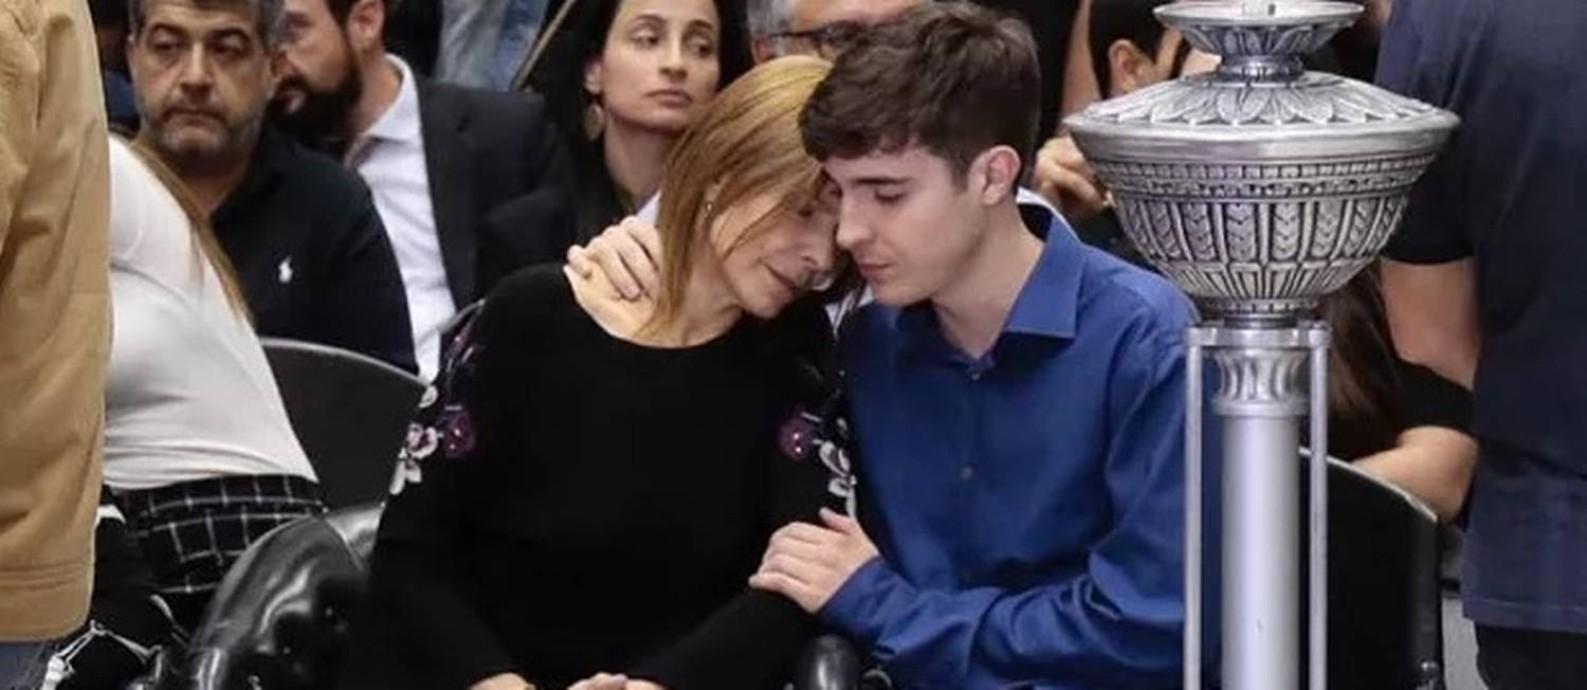 A viúva, Rose Miriam di Matteo, com o filho mais velho do casal, João Augusto, no velório de Gugu Foto: Rafael Cusato